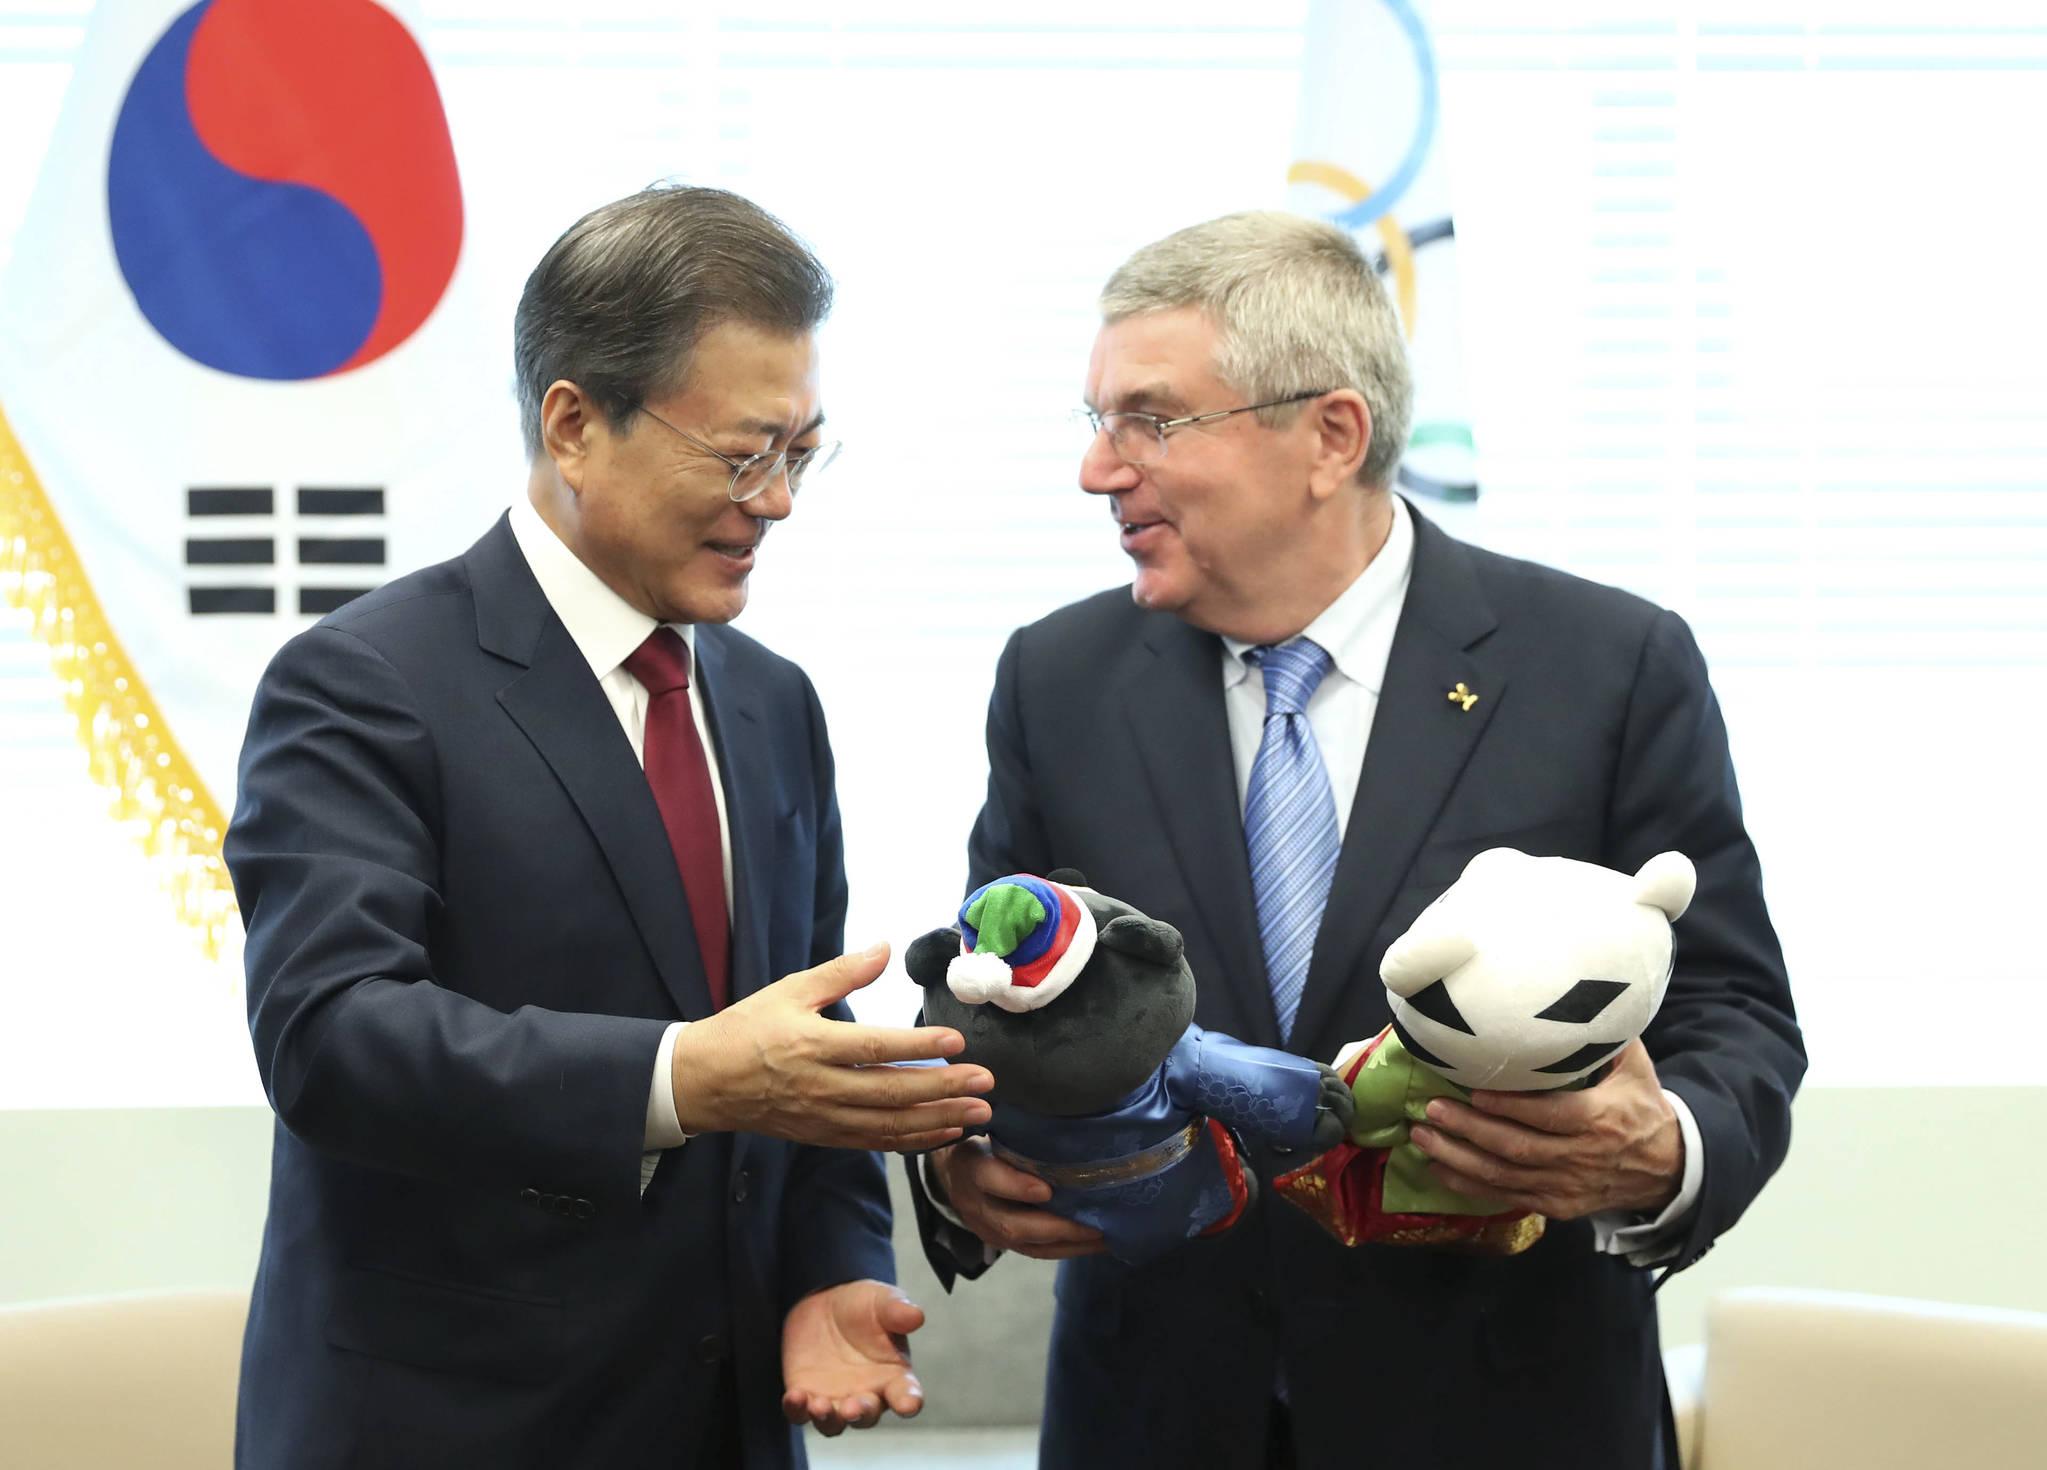 지난해 9월 19일 문재인 대통령이 미국 뉴욕 유엔사무국에서 토마스 바흐 국제올림픽위원회(IOC) 위원장에게 평창동계올림픽 마스코트인 '수호랑', '반다비' 인형을 선물하고 있다. 김상선 기자